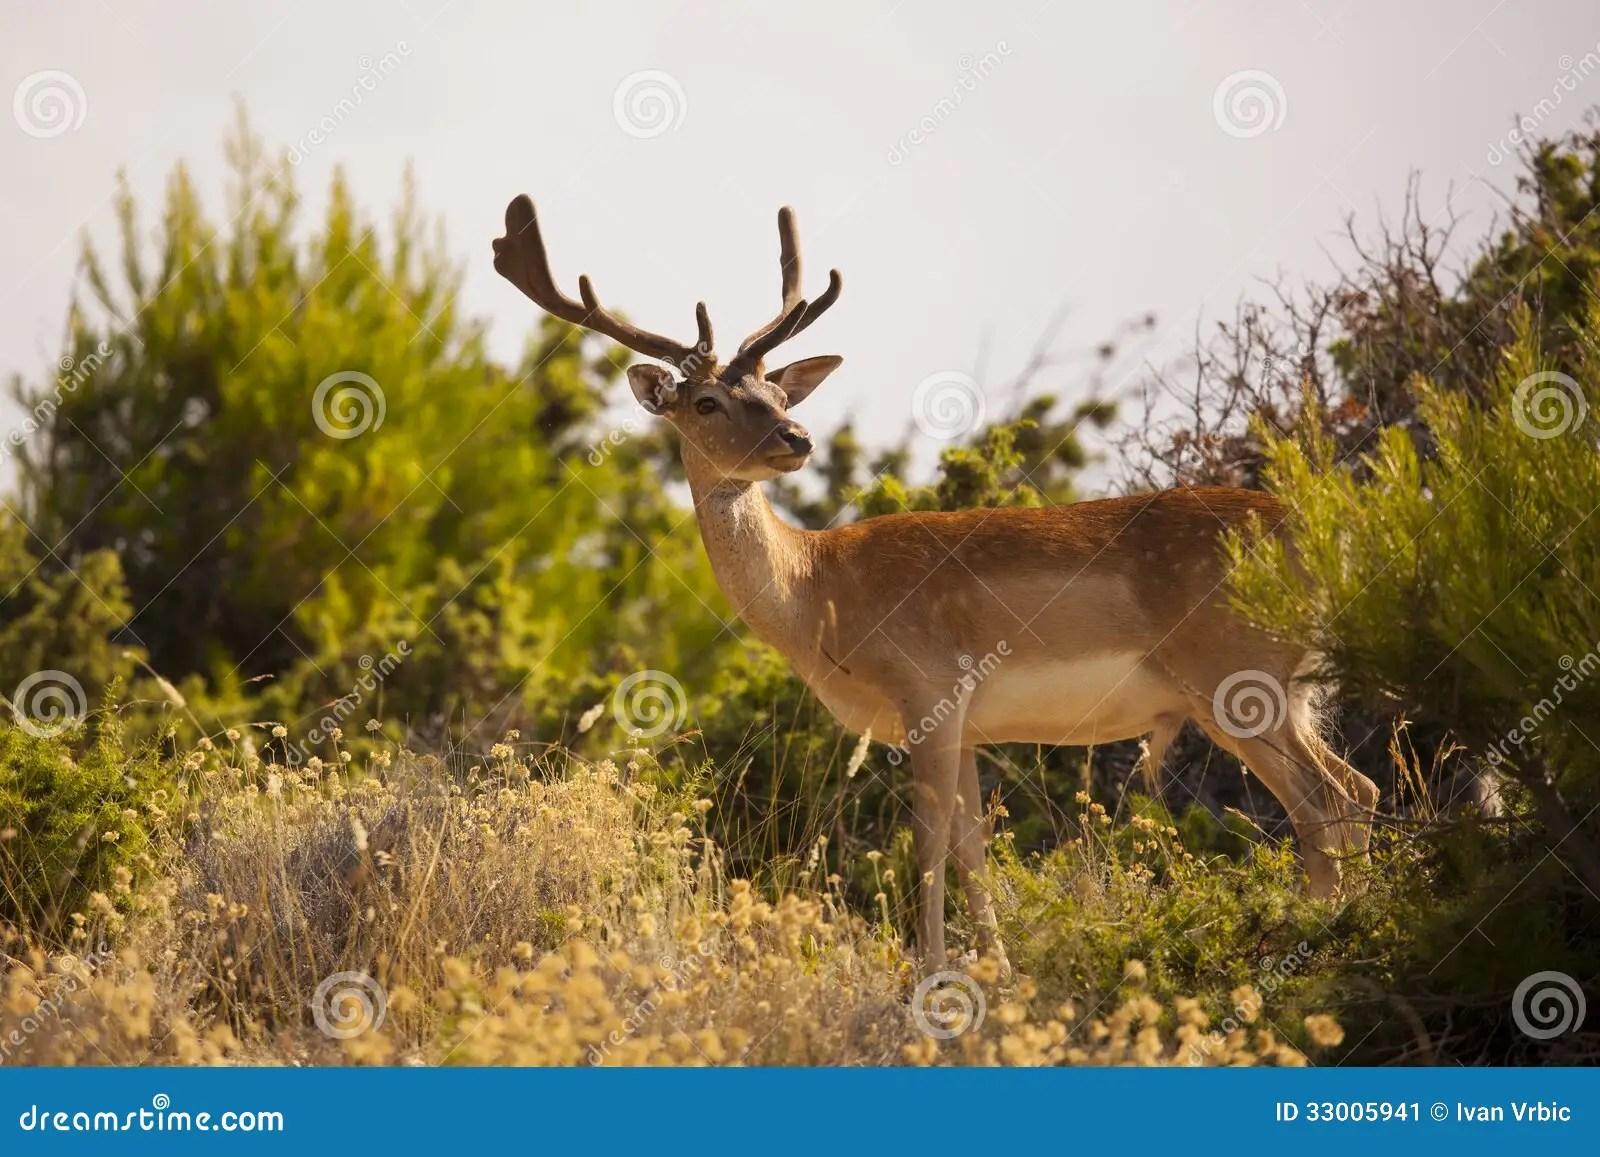 Fallow Deer In Natural Habitat Stock Image